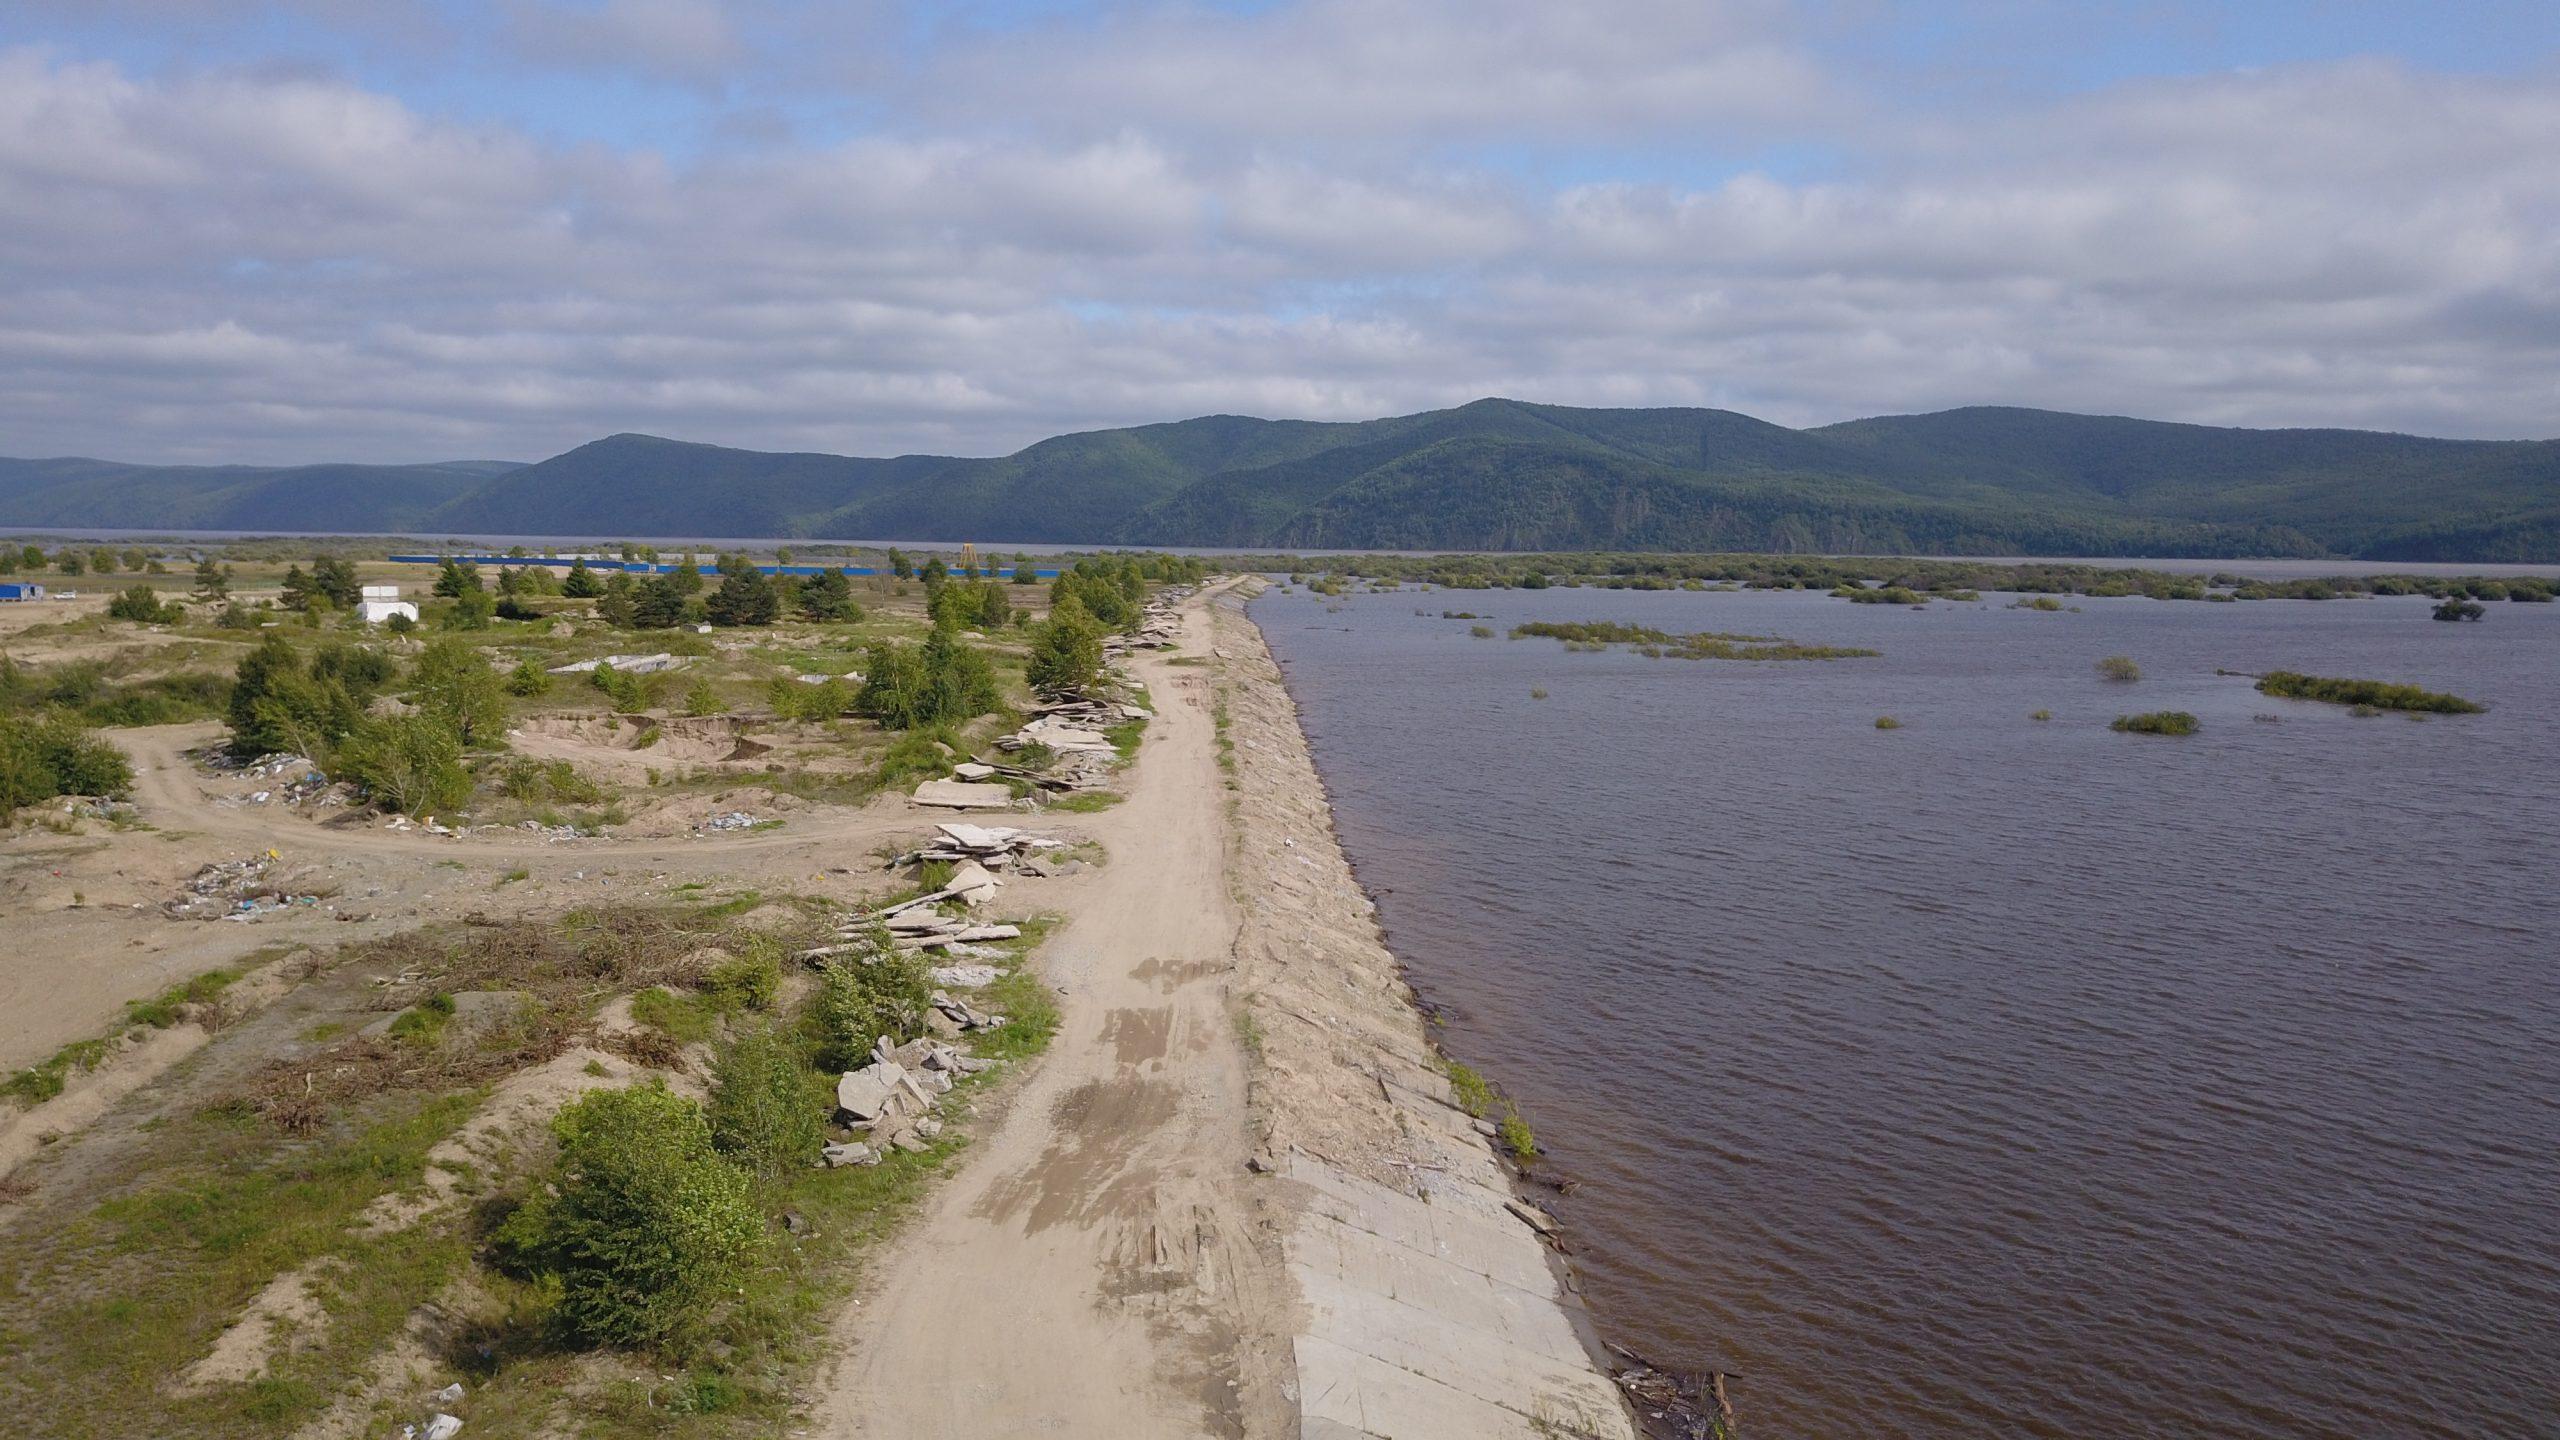 ООО «Энергокомплект» обеспечит комплексные поставки для строительства дамбы в Комсомольске-на-Амуре